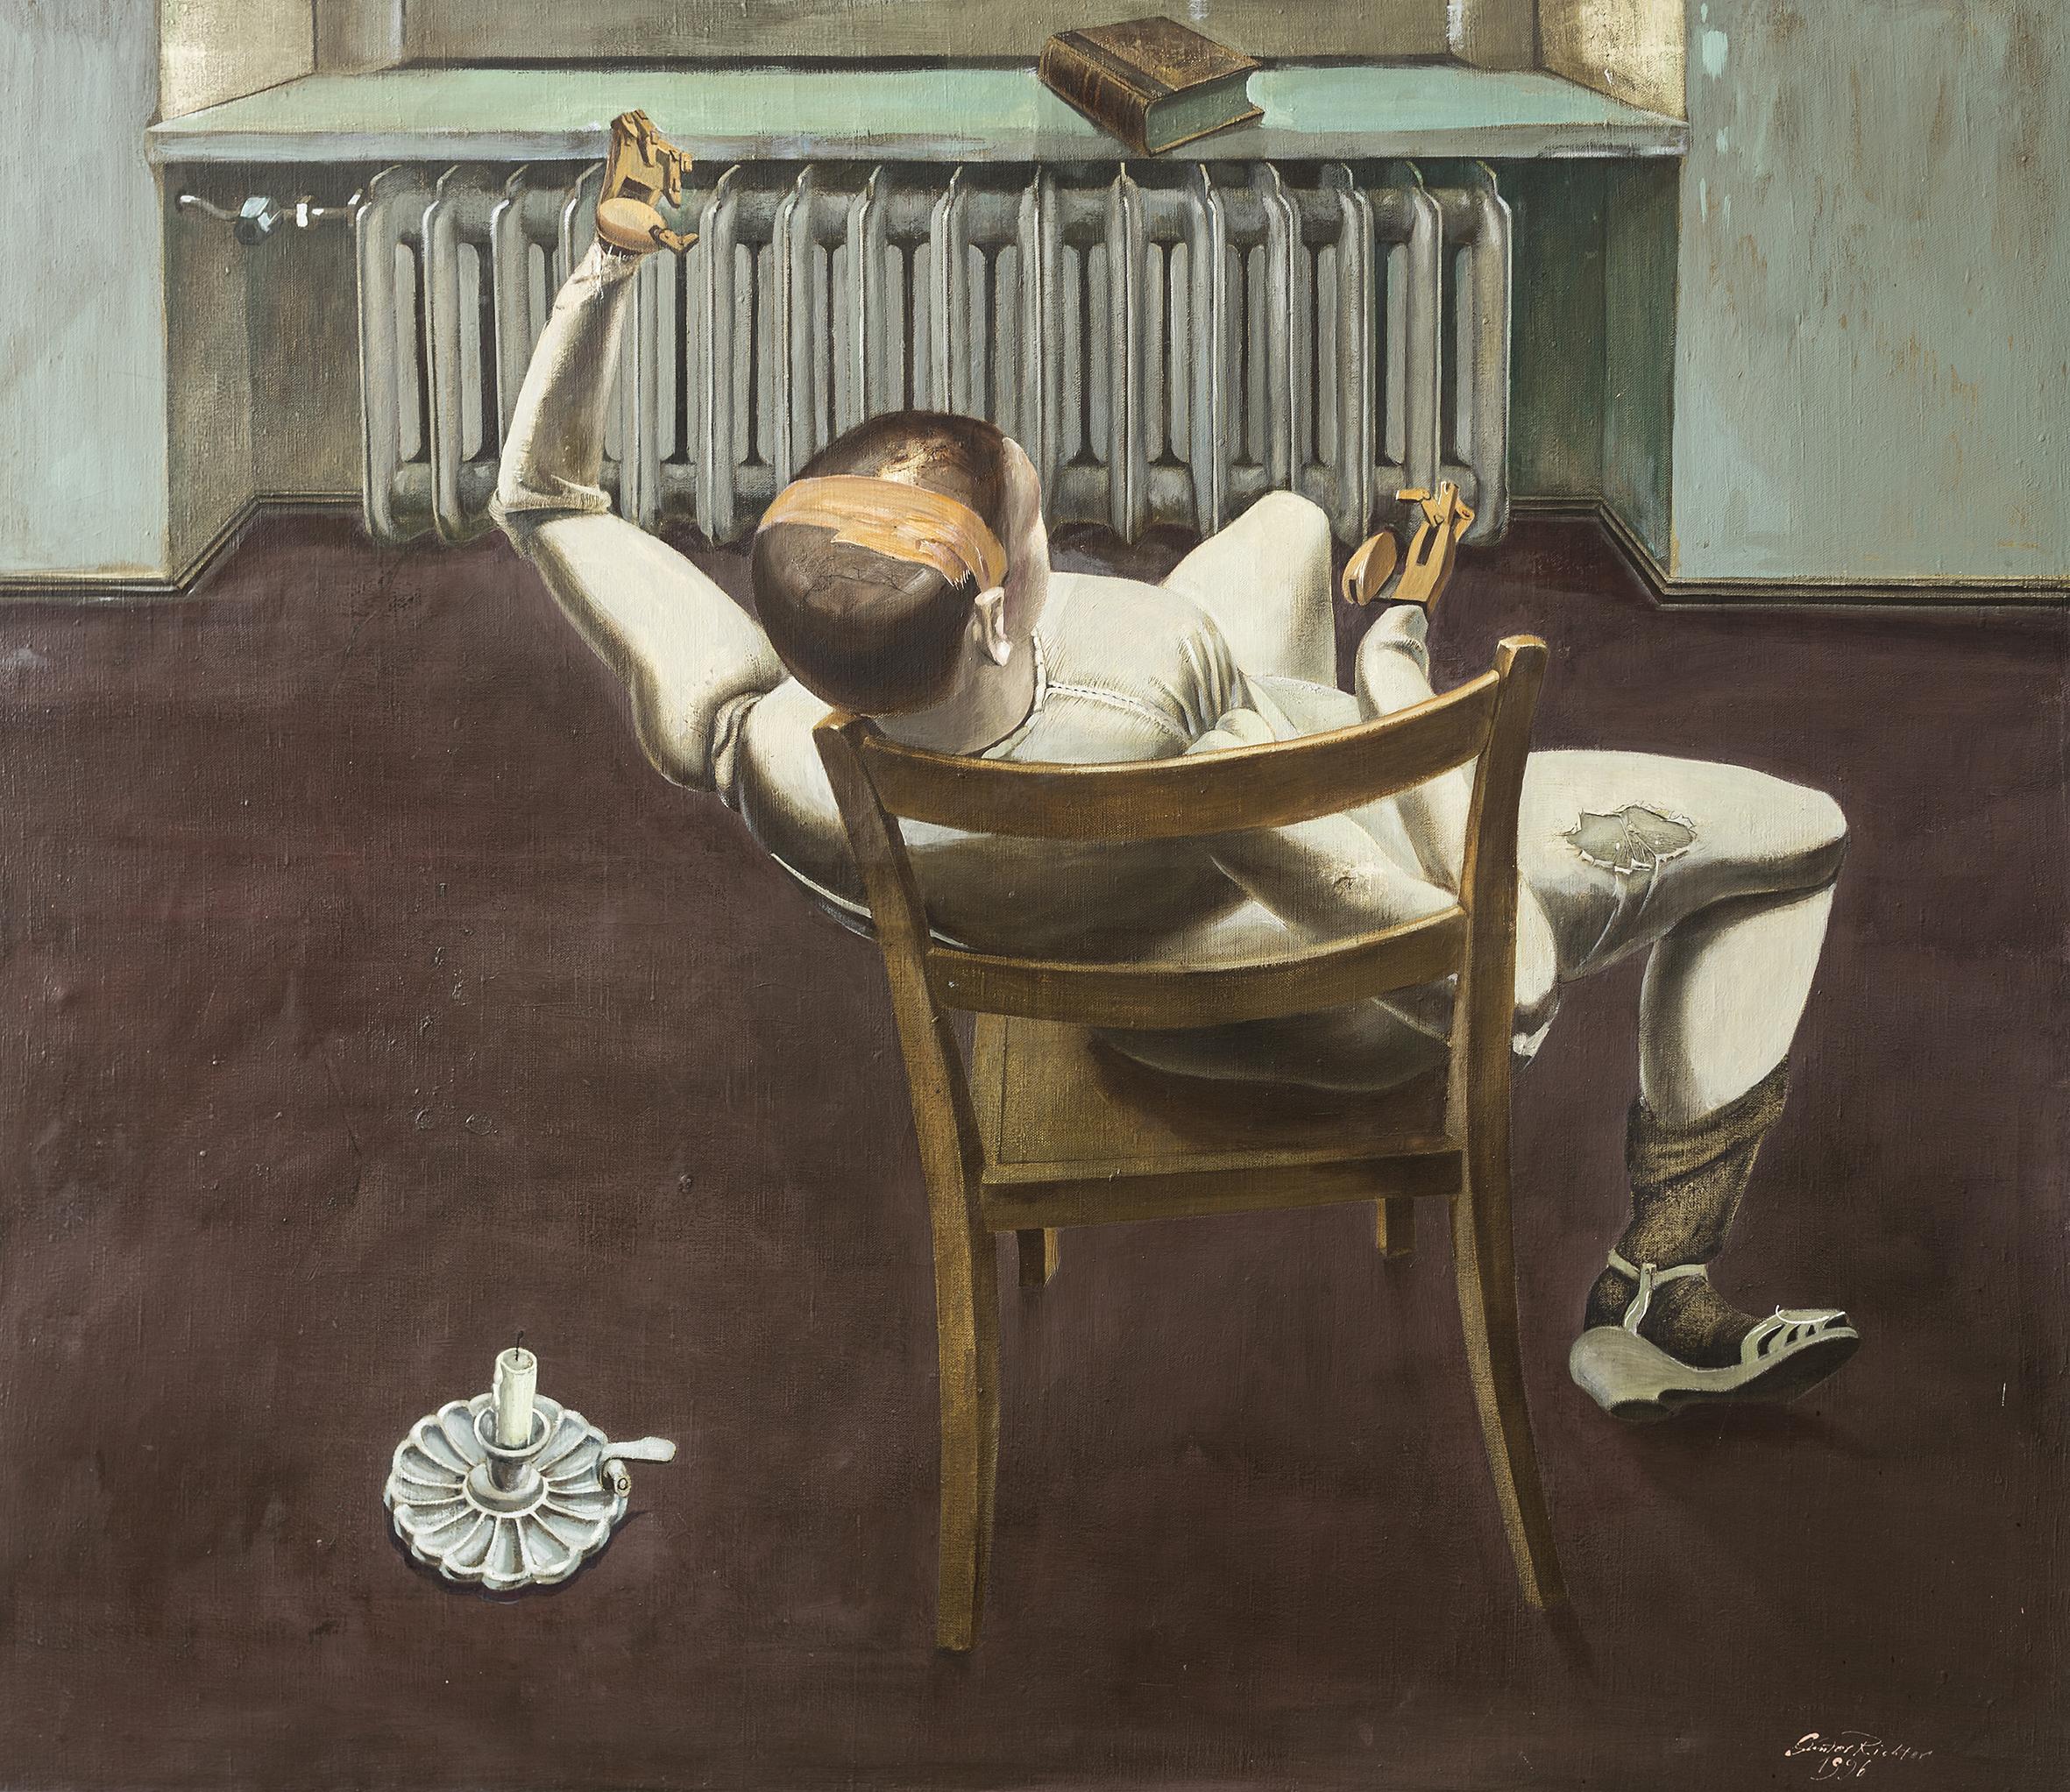 Günter Richter, Modellpuppe mit Kellerlicht, 120x140 cm, 1996, Öl auf Leinwand